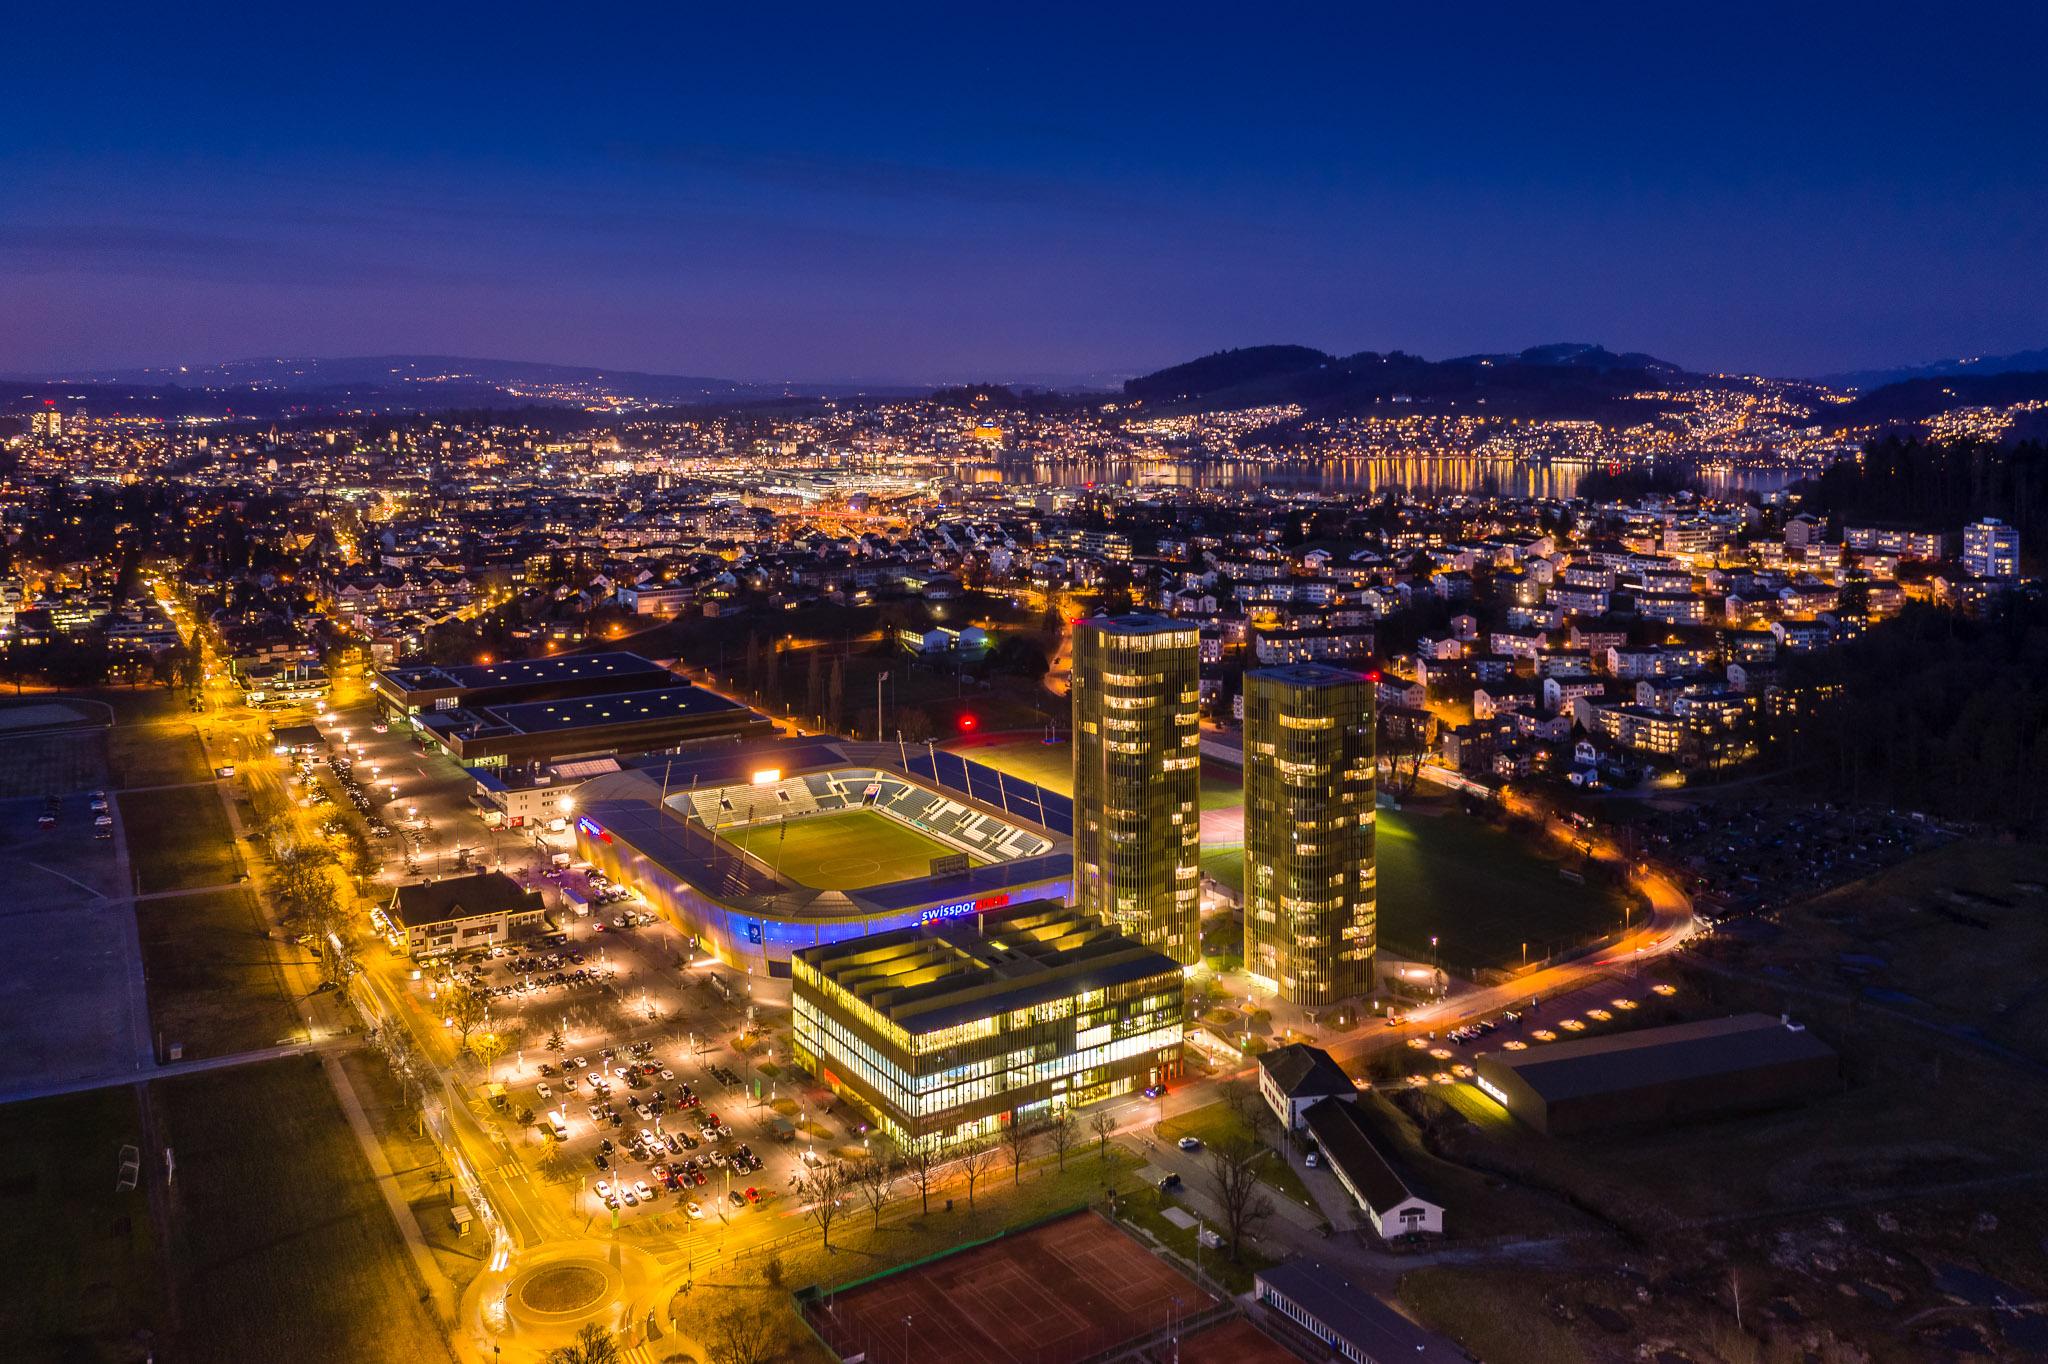 Allmend und Stadt Luzern in einer Luftaufnahme